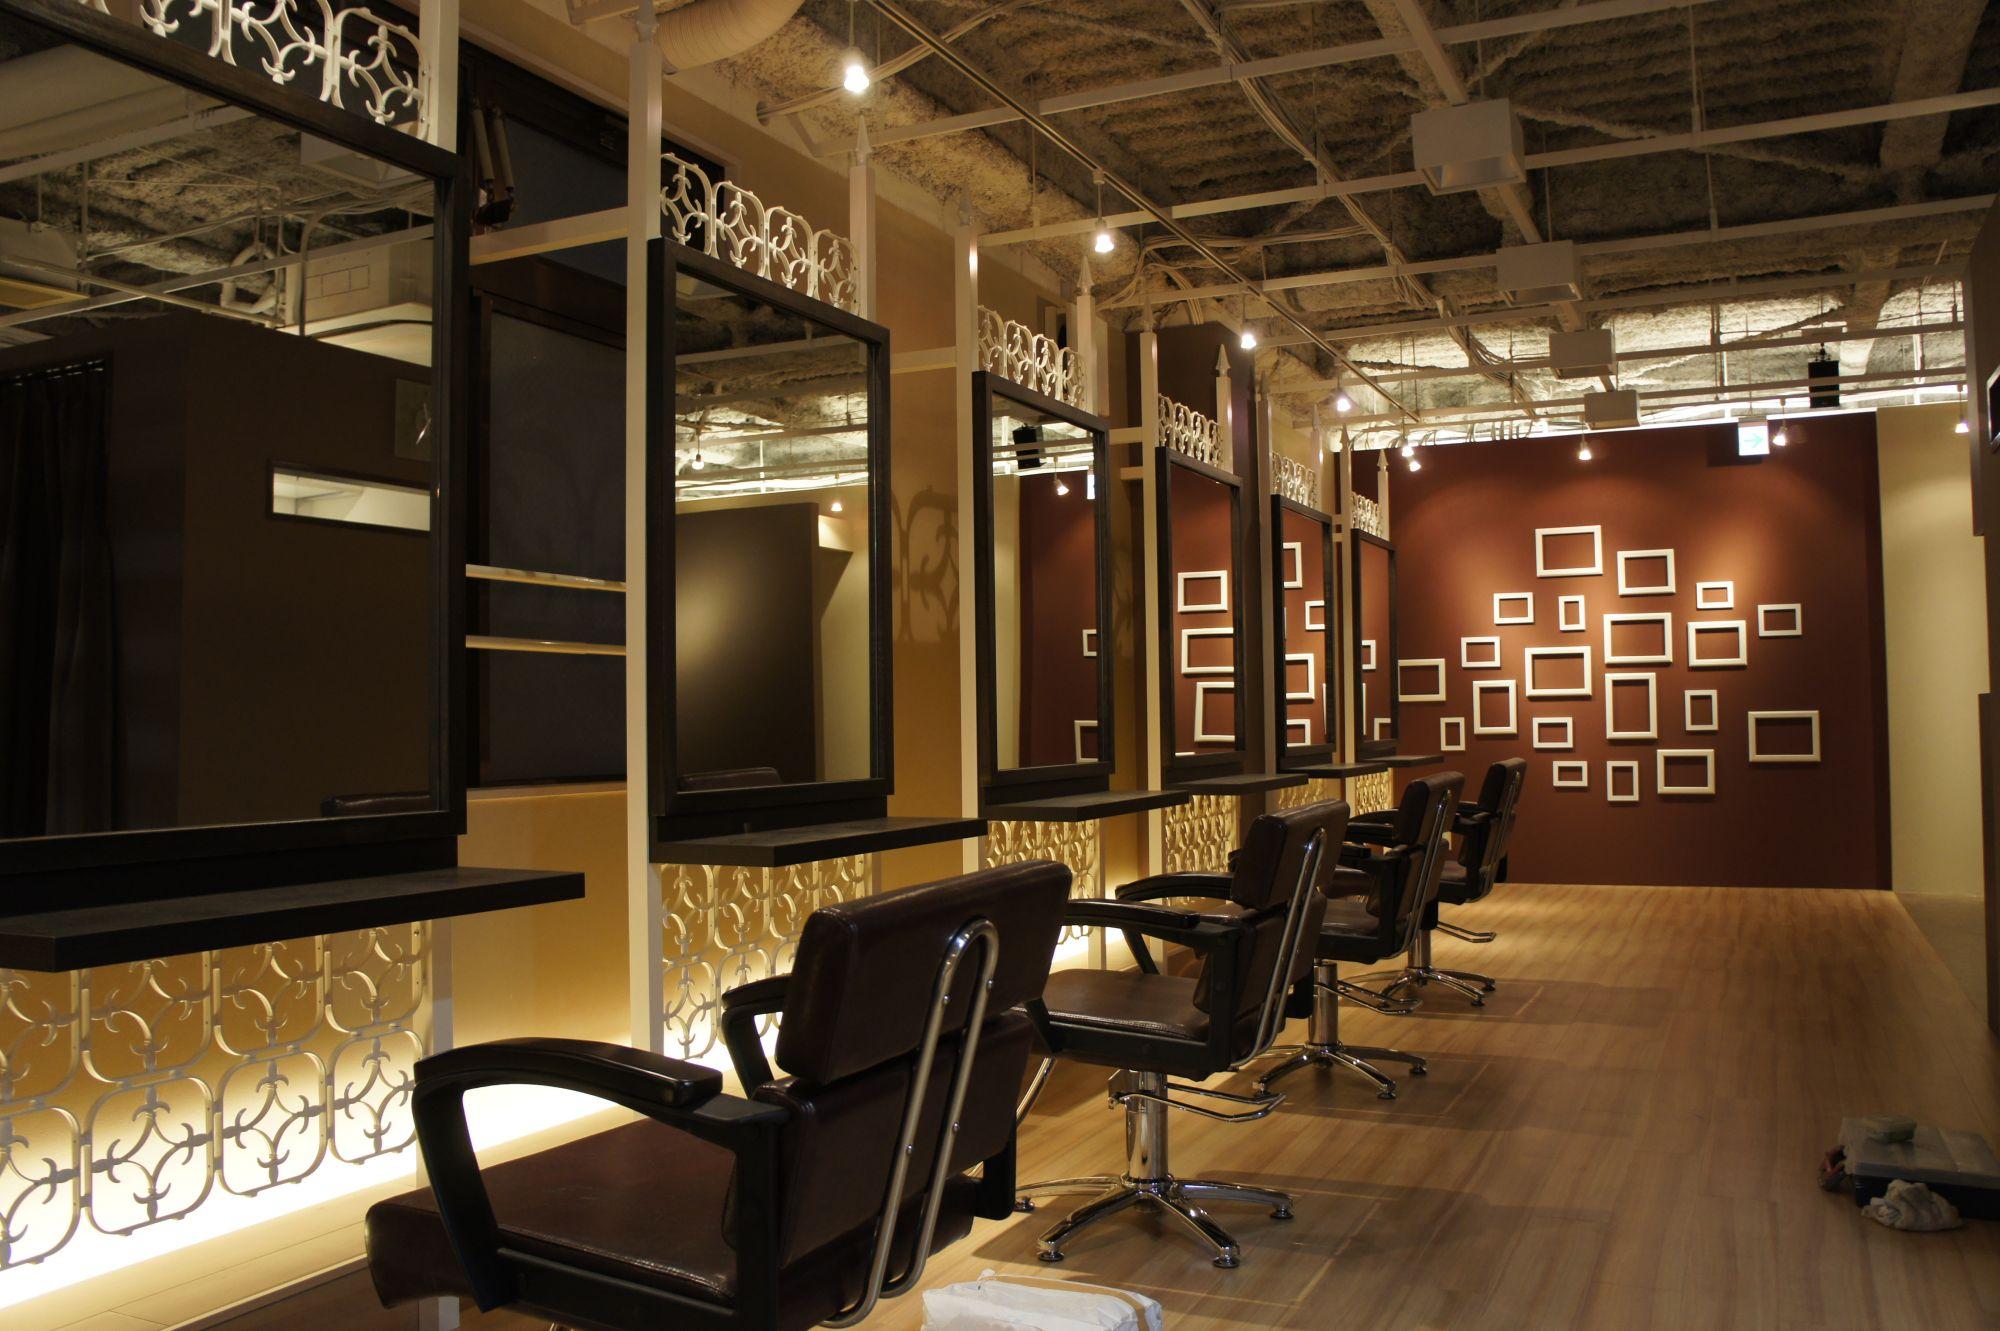 東京でキレイになるなら、ココ!行けば楽しくなる美容院をチェック☆のサムネイル画像